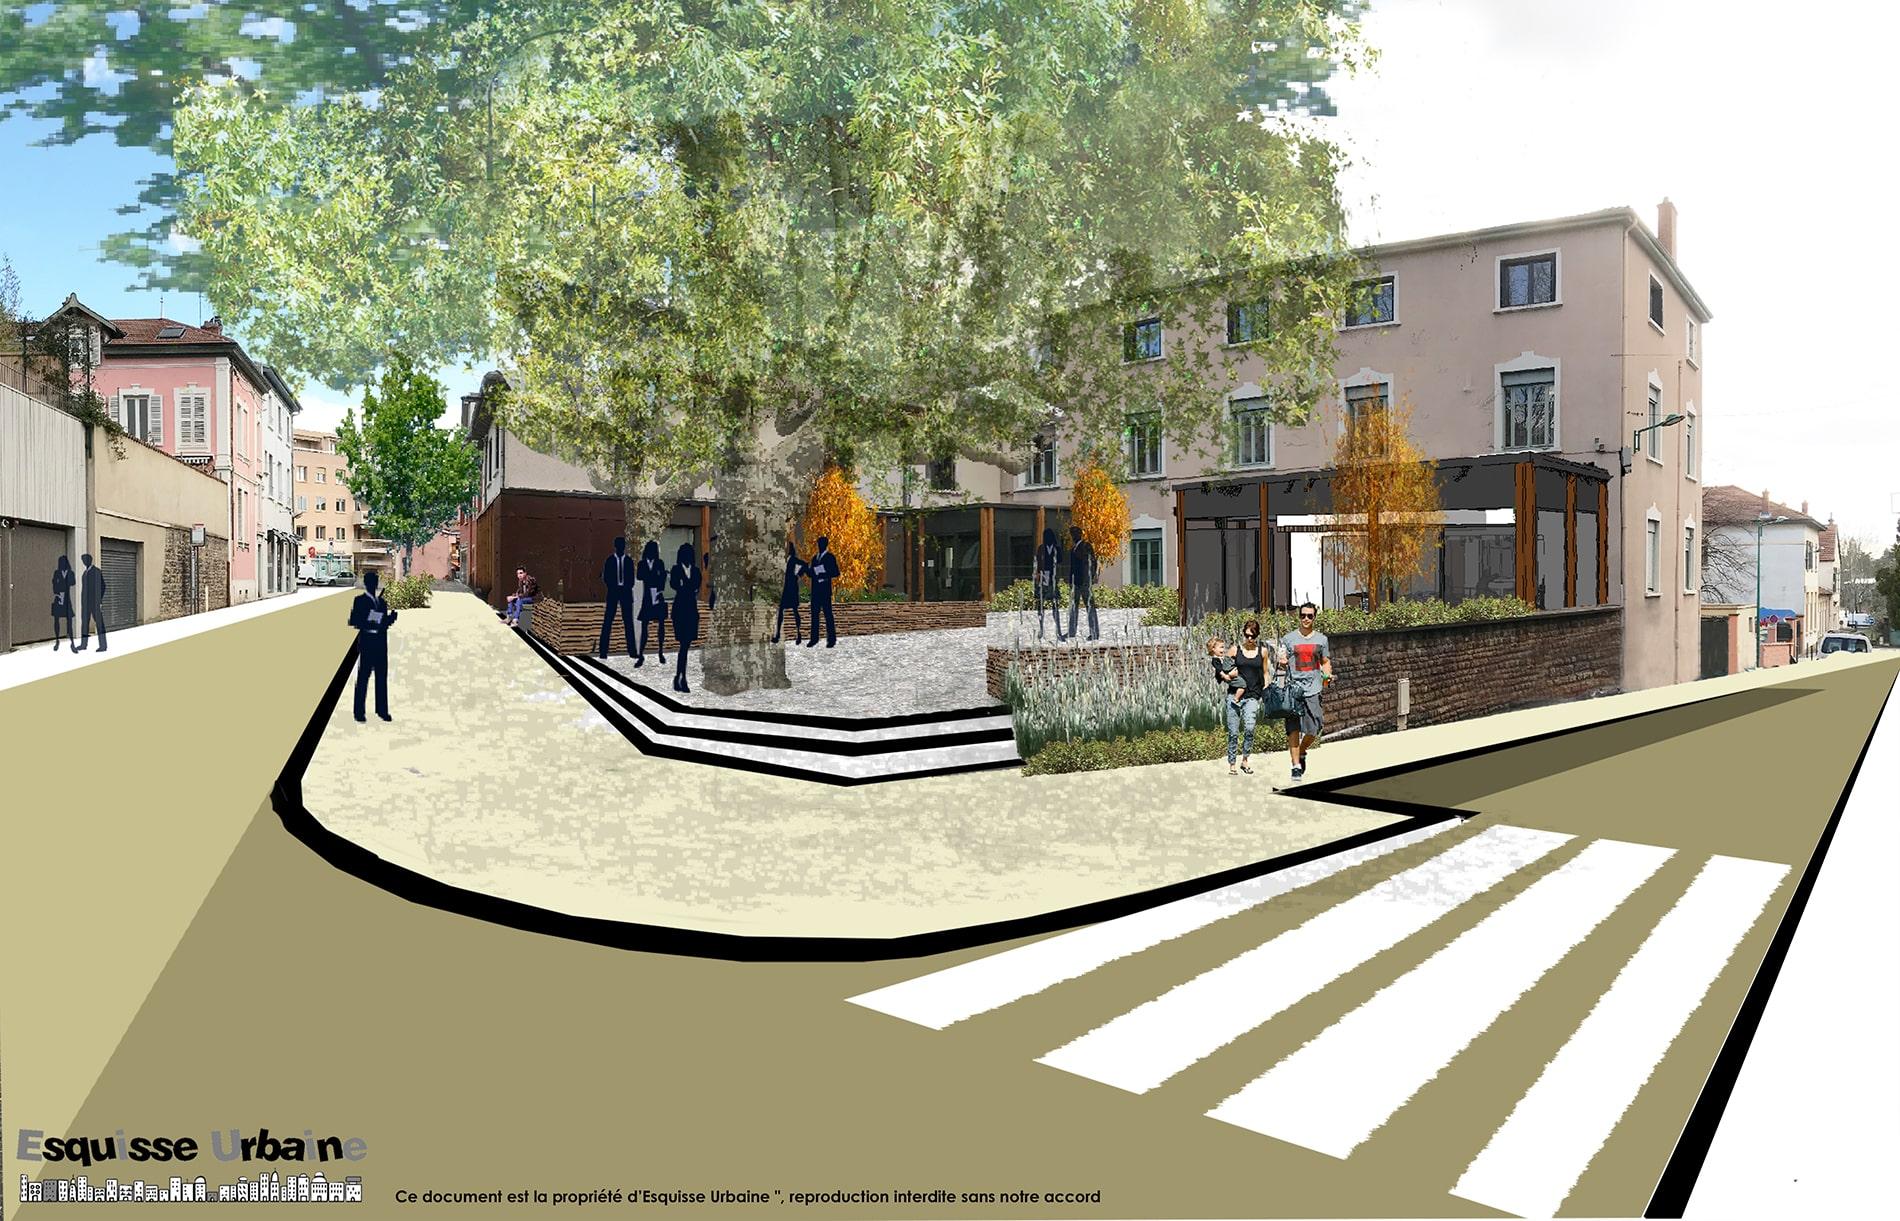 Projet d'aménagement paysager d'un square par l'agence Esquisse Urbaine, Rhône